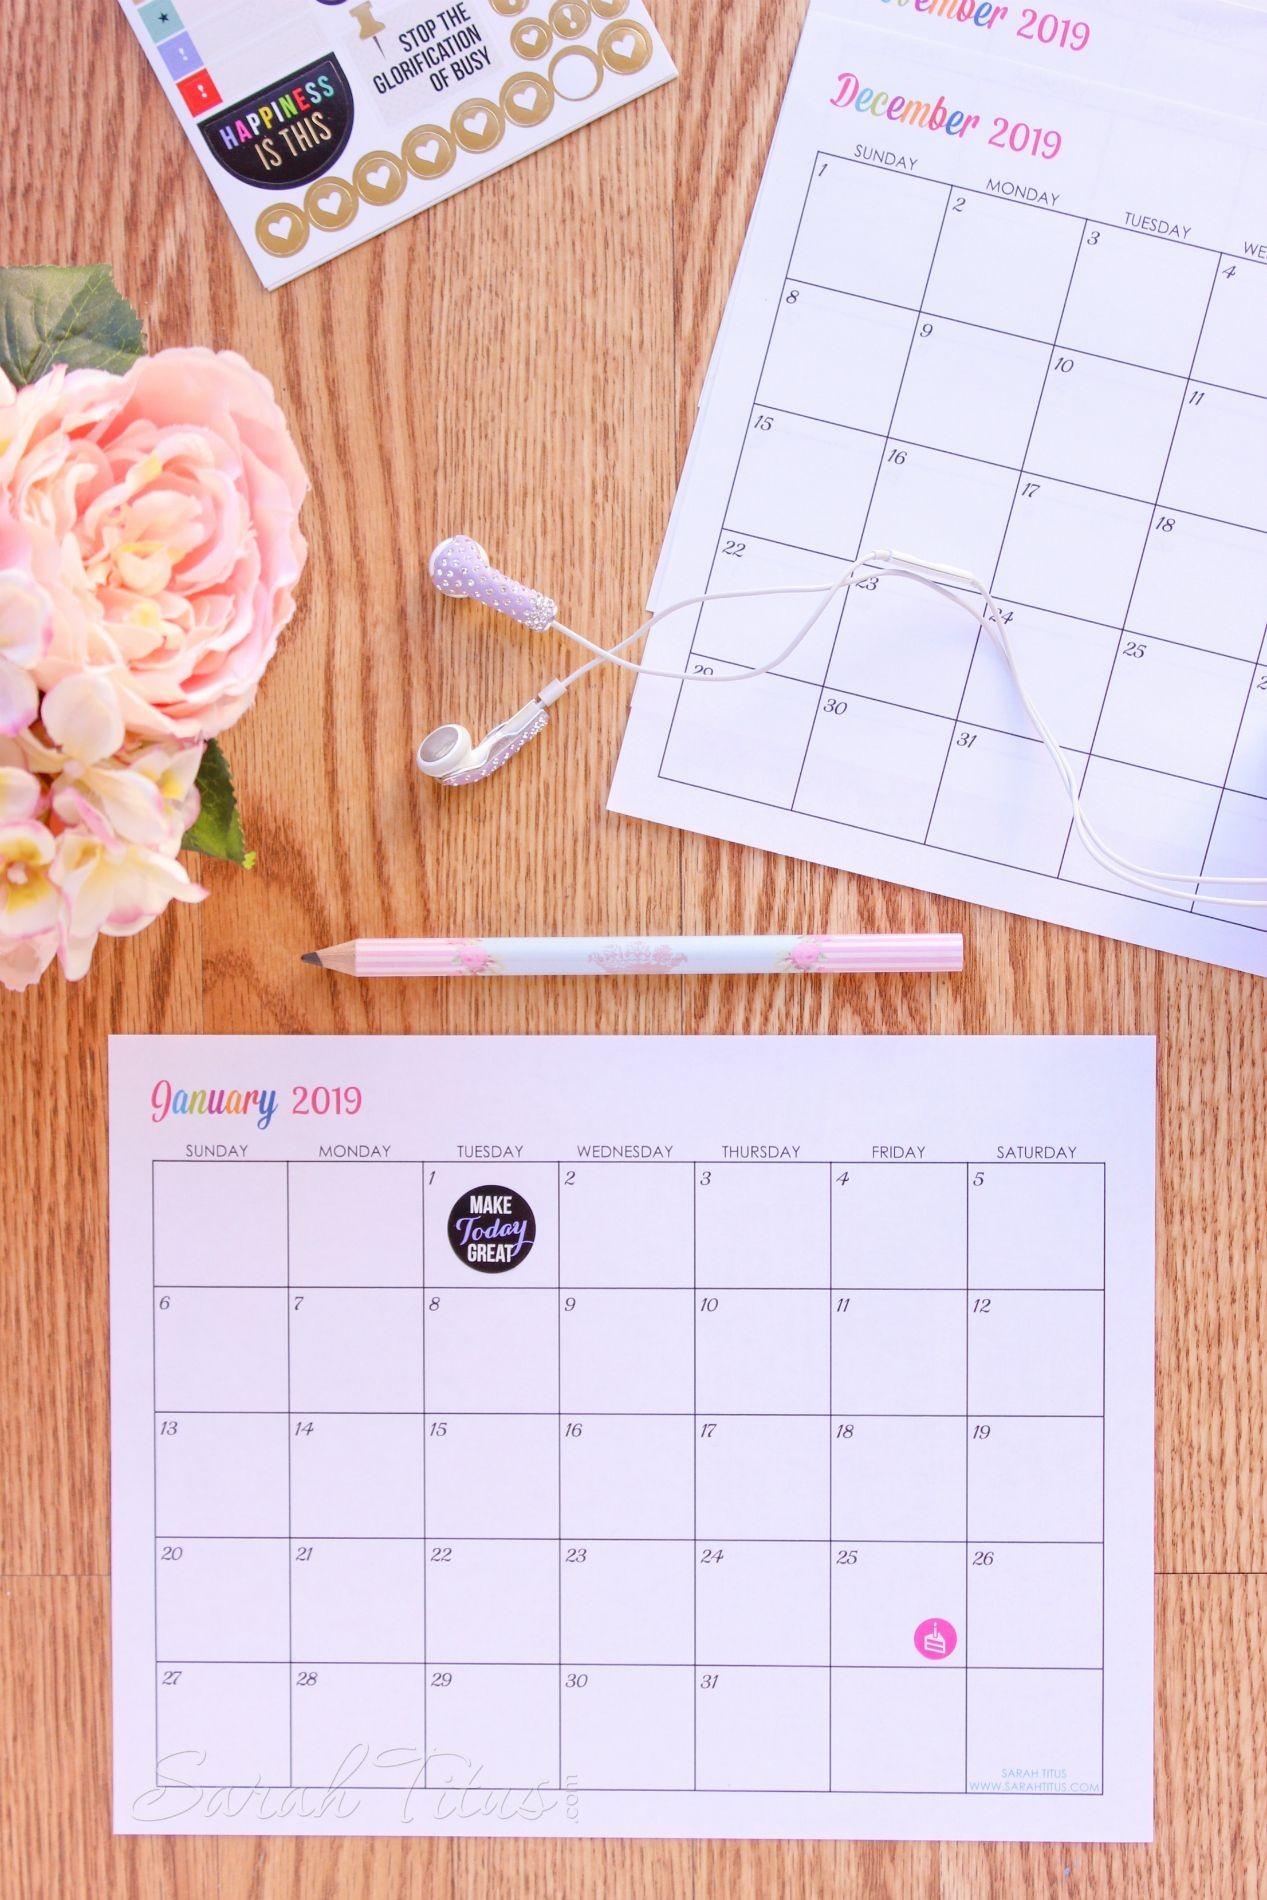 January 2019 Calendar Planner Más Caliente Custom Editable Free Printable 2019 Calendars Of January 2019 Calendar Planner Más Actual 10 Stylish Free Printable Calendars for 2019